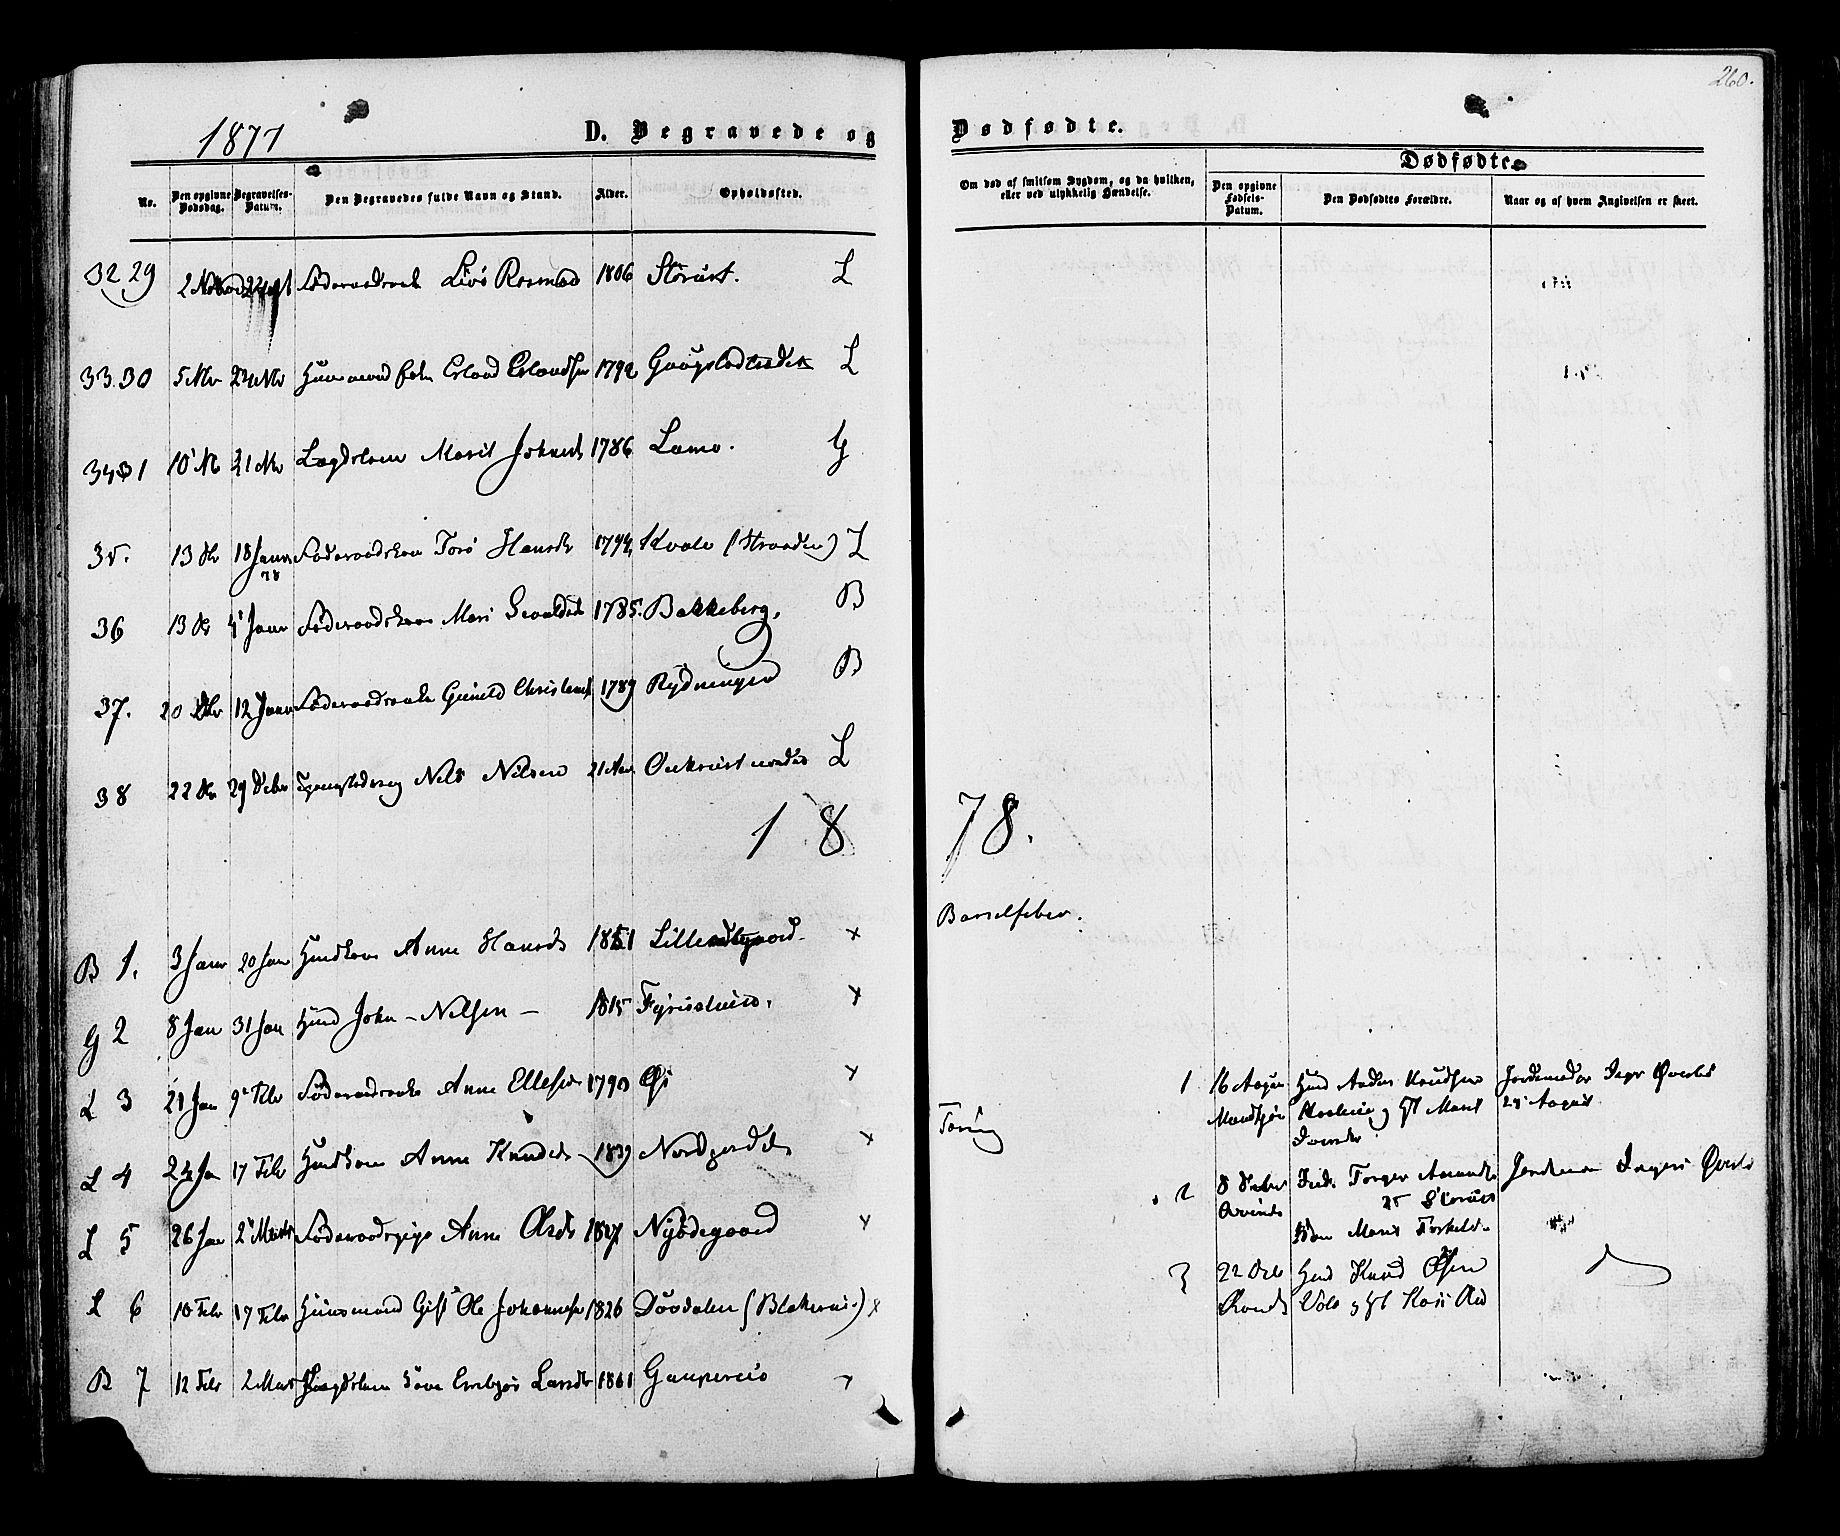 SAH, Lom prestekontor, K/L0007: Ministerialbok nr. 7, 1863-1884, s. 260